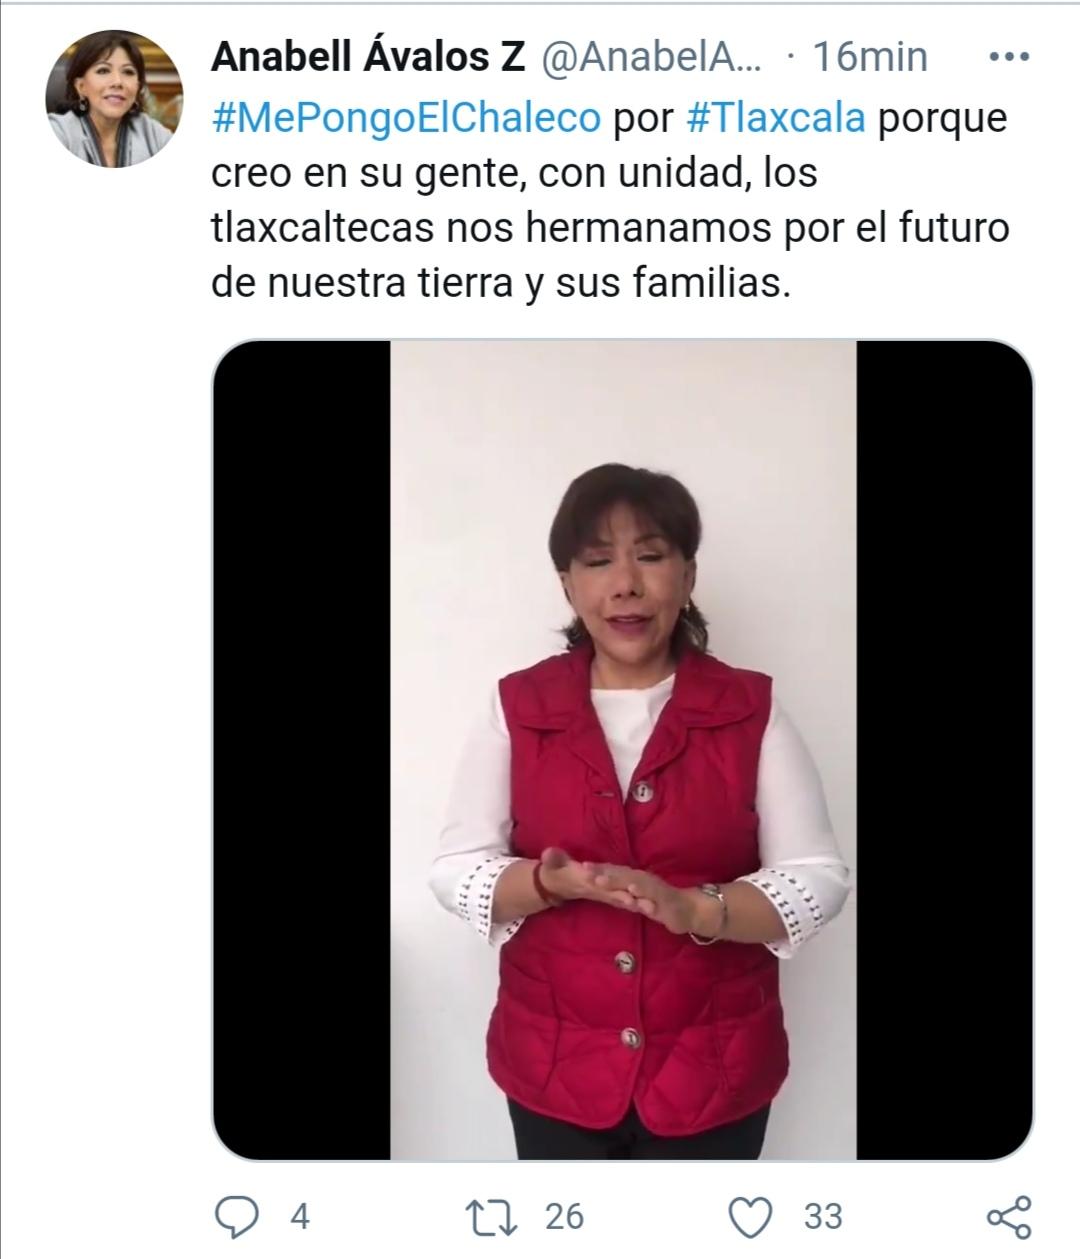 MePongoElChaleco por #Tlaxcala porque creo en su gente